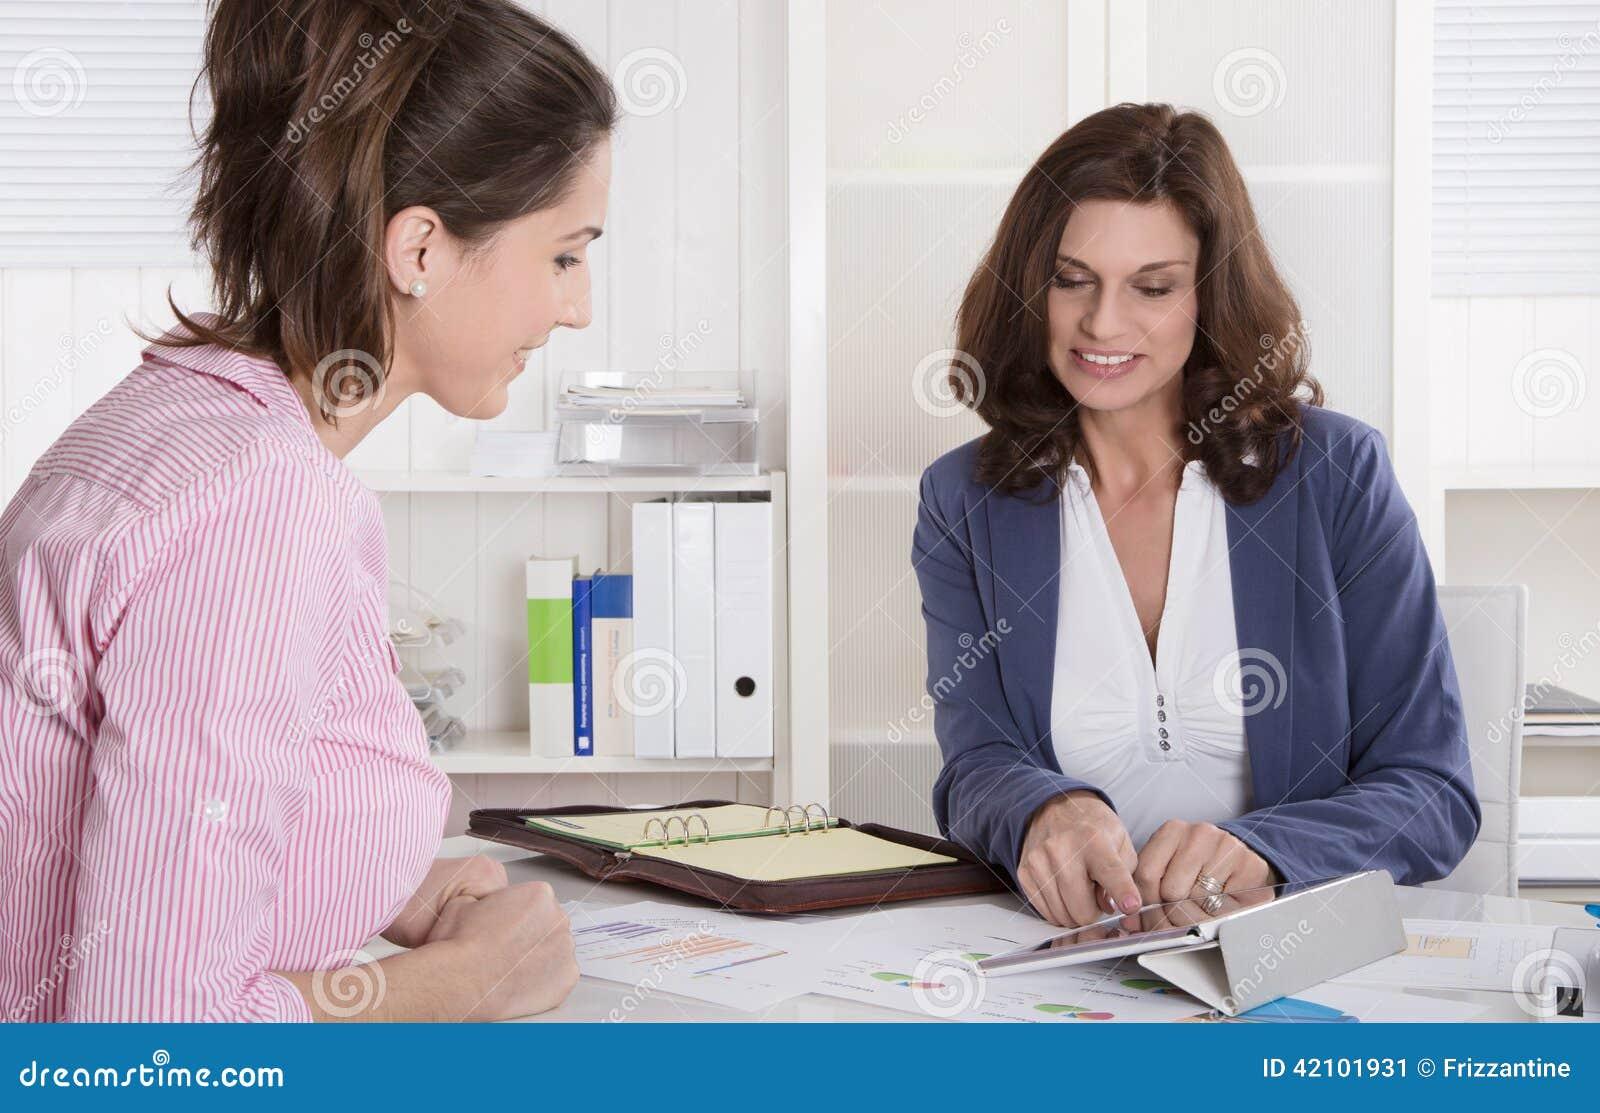 Профессиональная деловая встреча под женщиной 2: клиент и советует